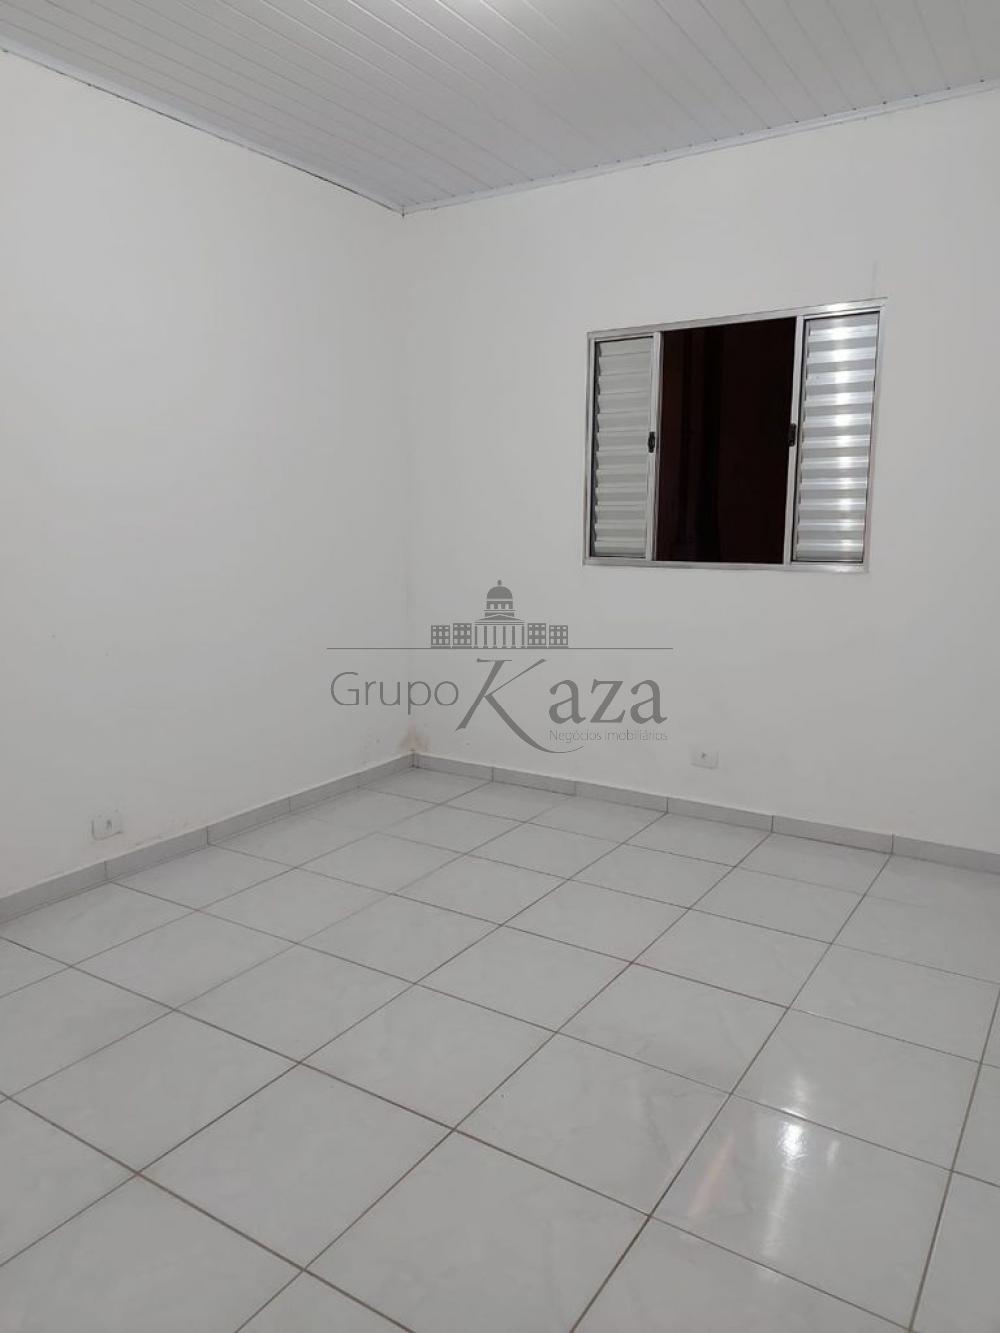 alt='Alugar Casa / Comercial / Residencial em São José dos Campos R$ 2.800,00 - Foto 5' title='Alugar Casa / Comercial / Residencial em São José dos Campos R$ 2.800,00 - Foto 5'